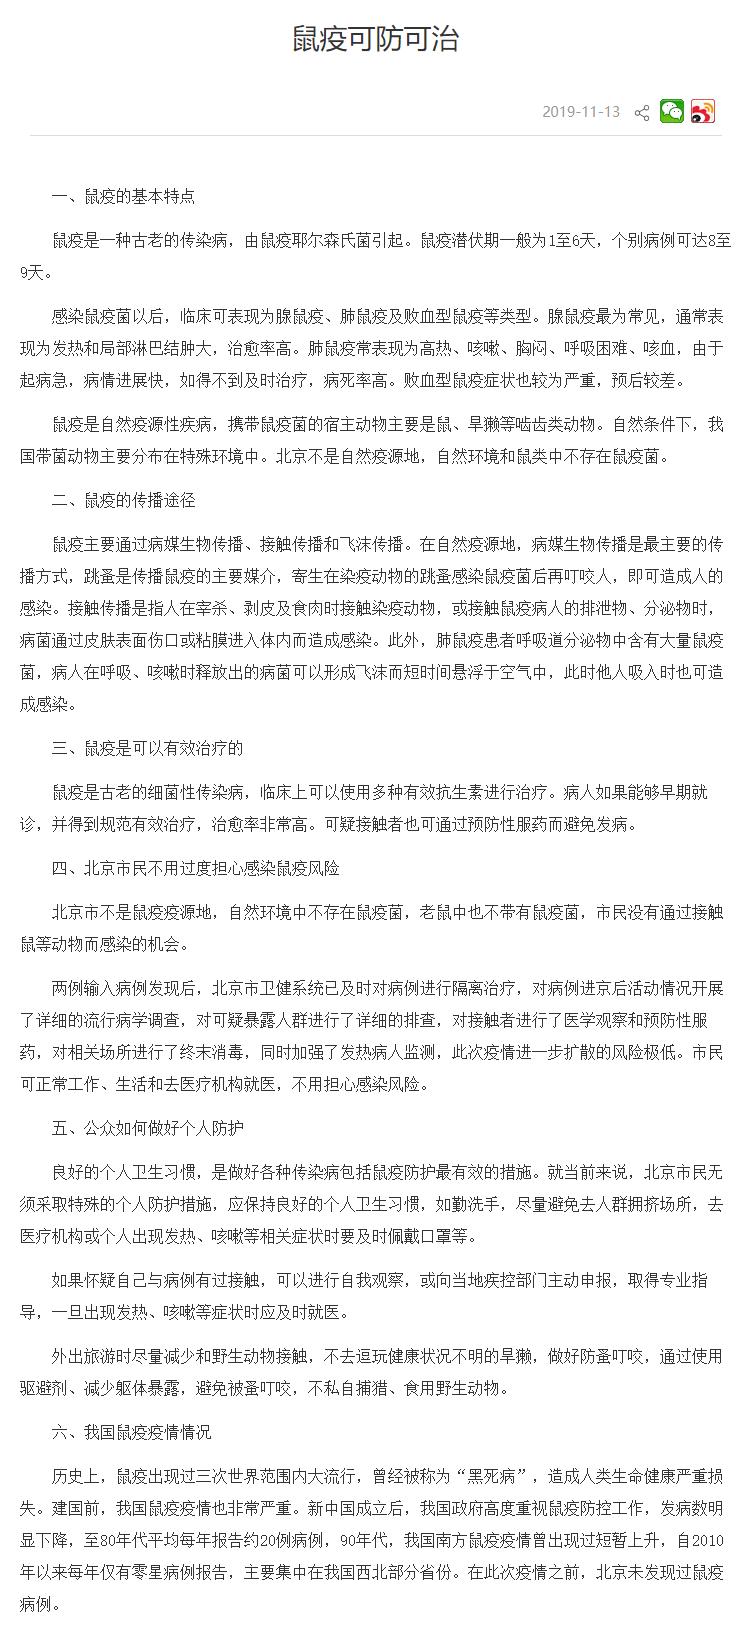 世爵国际·2018烦恼过期|爱你不后悔,也尊重故事结尾!